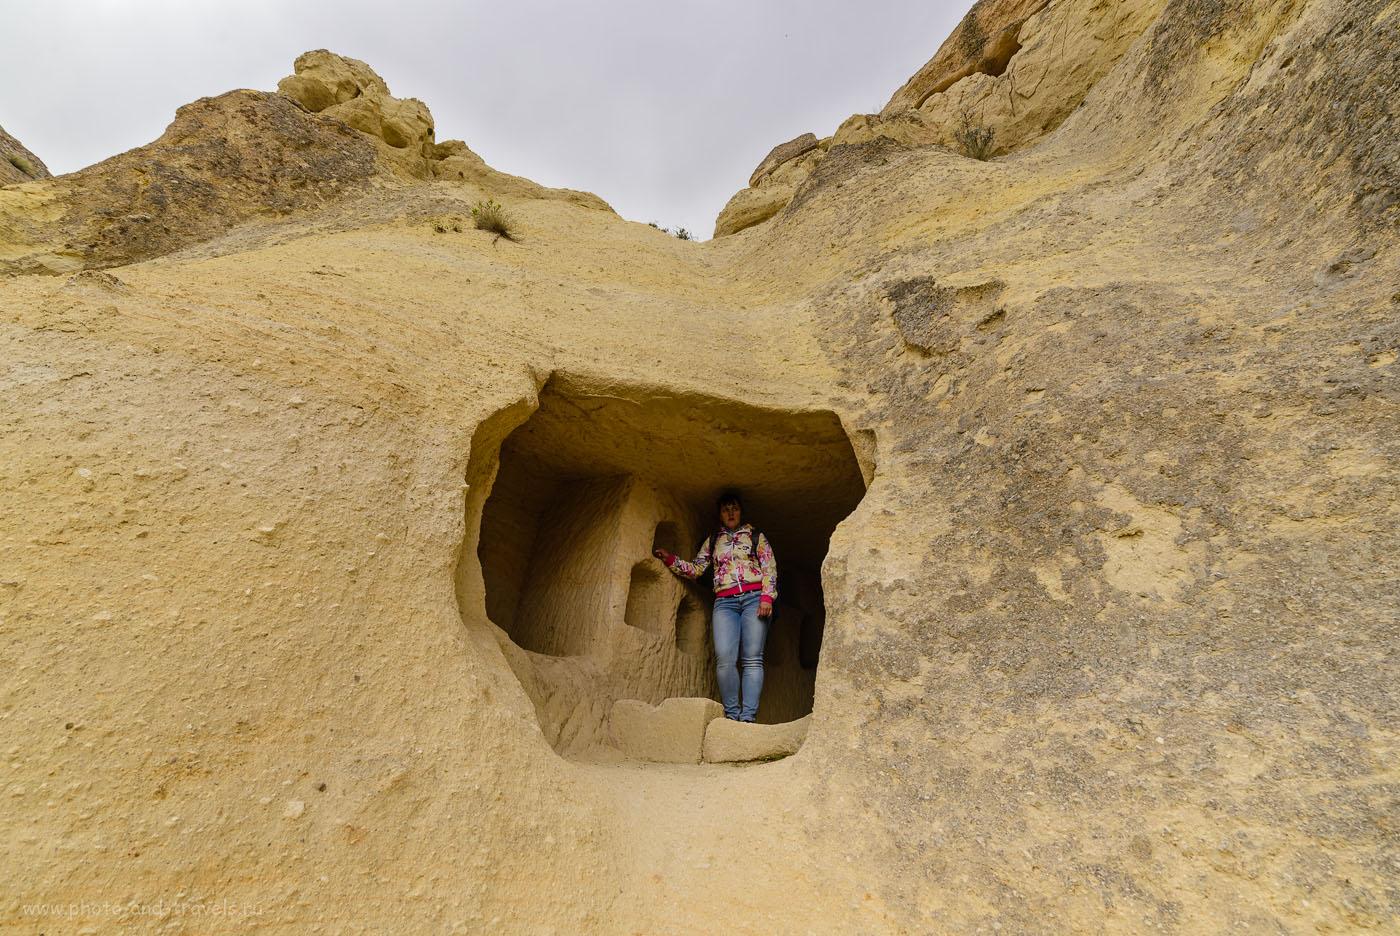 Фотография 27. Пещера в Каппадокии. Отчеты туристов о самостоятельных экскурсиях по долинам «страны прекрасных лошадей».